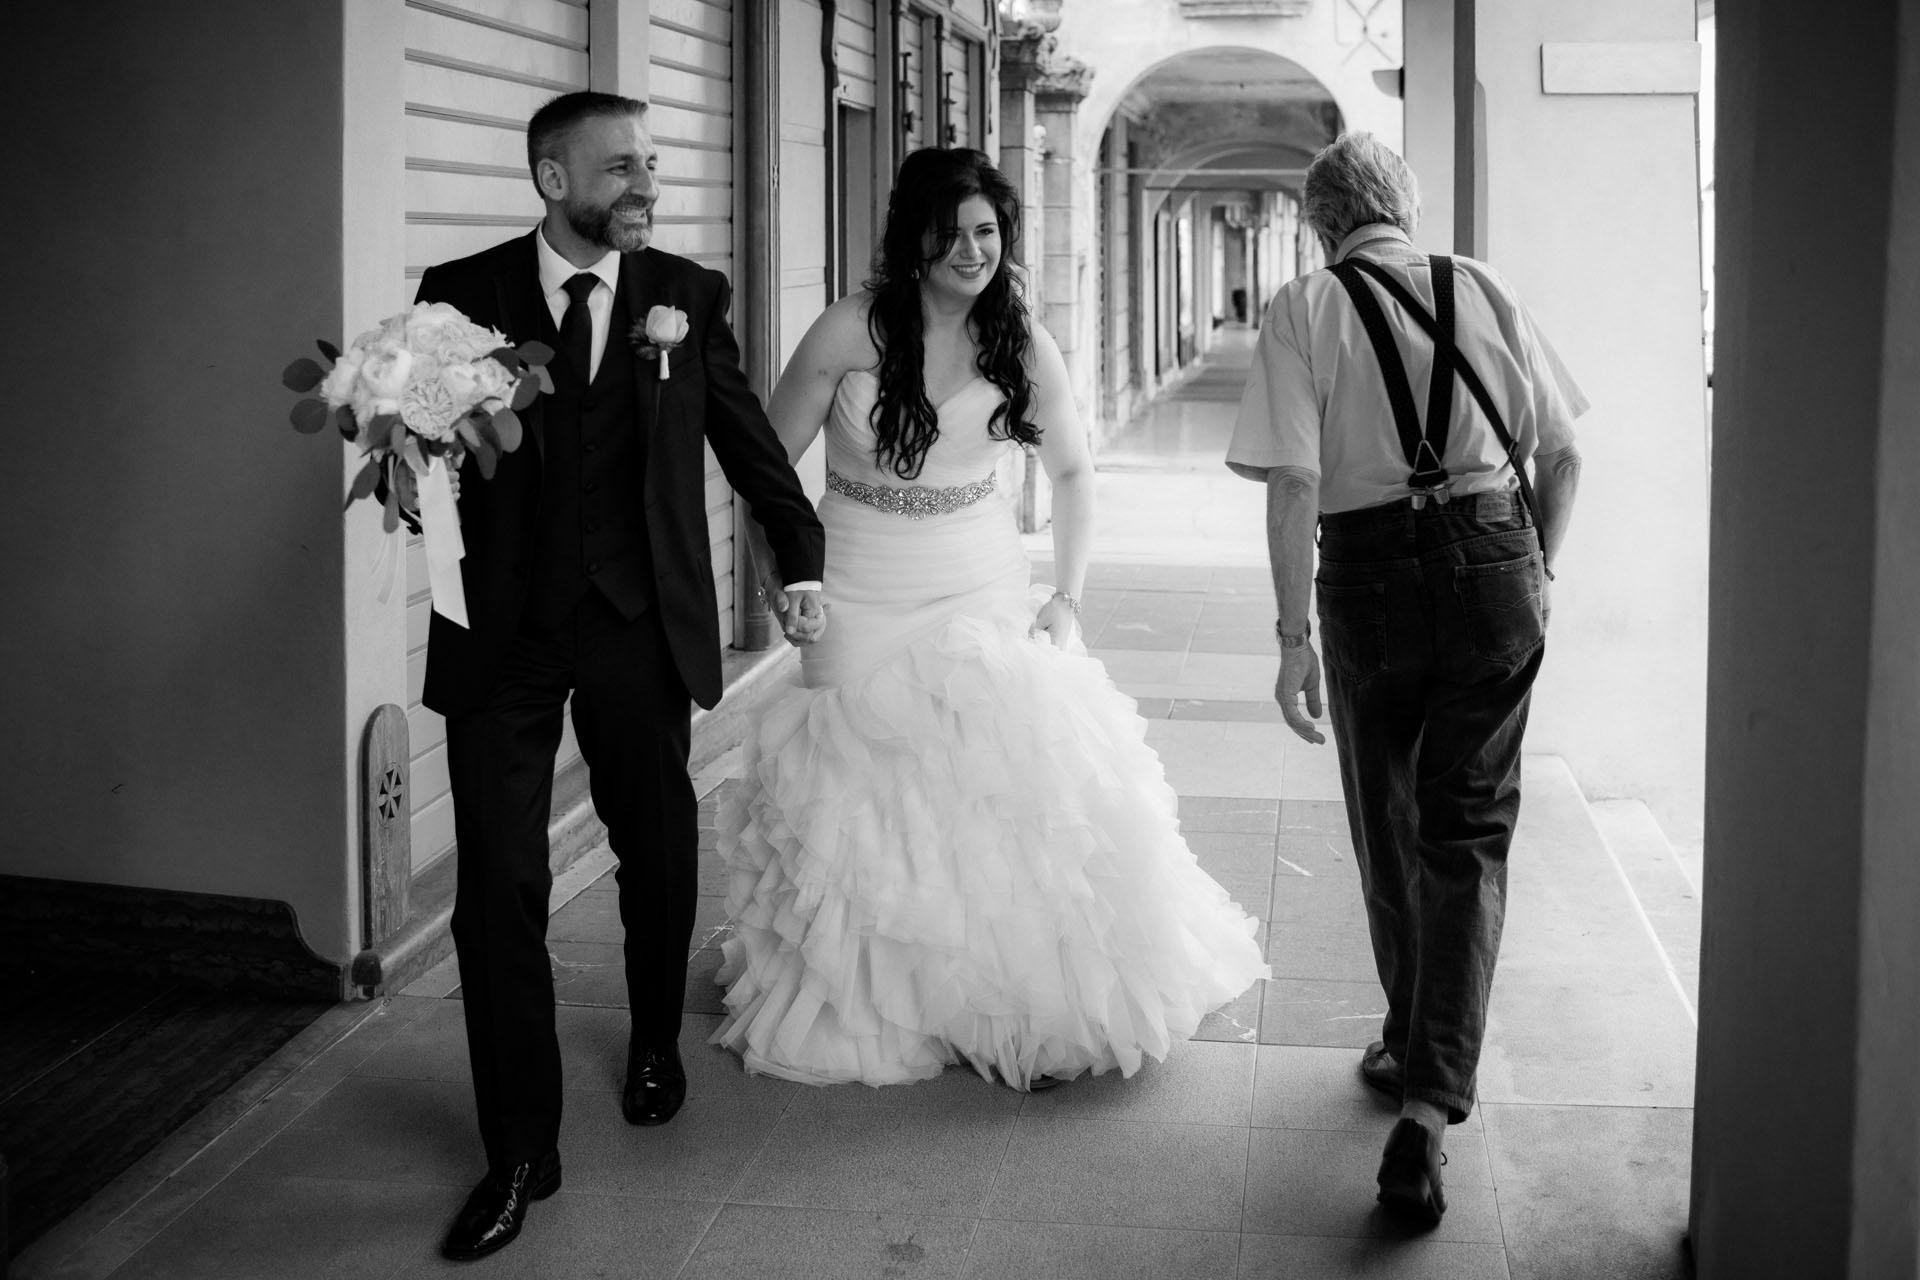 Jessica-Jason-Weddingdestination-Storytelling-Renato-Zanette-Fotografo-Convento-San-Francesco-Conegliano-Treviso-Veneto-Sotto-i-Portici